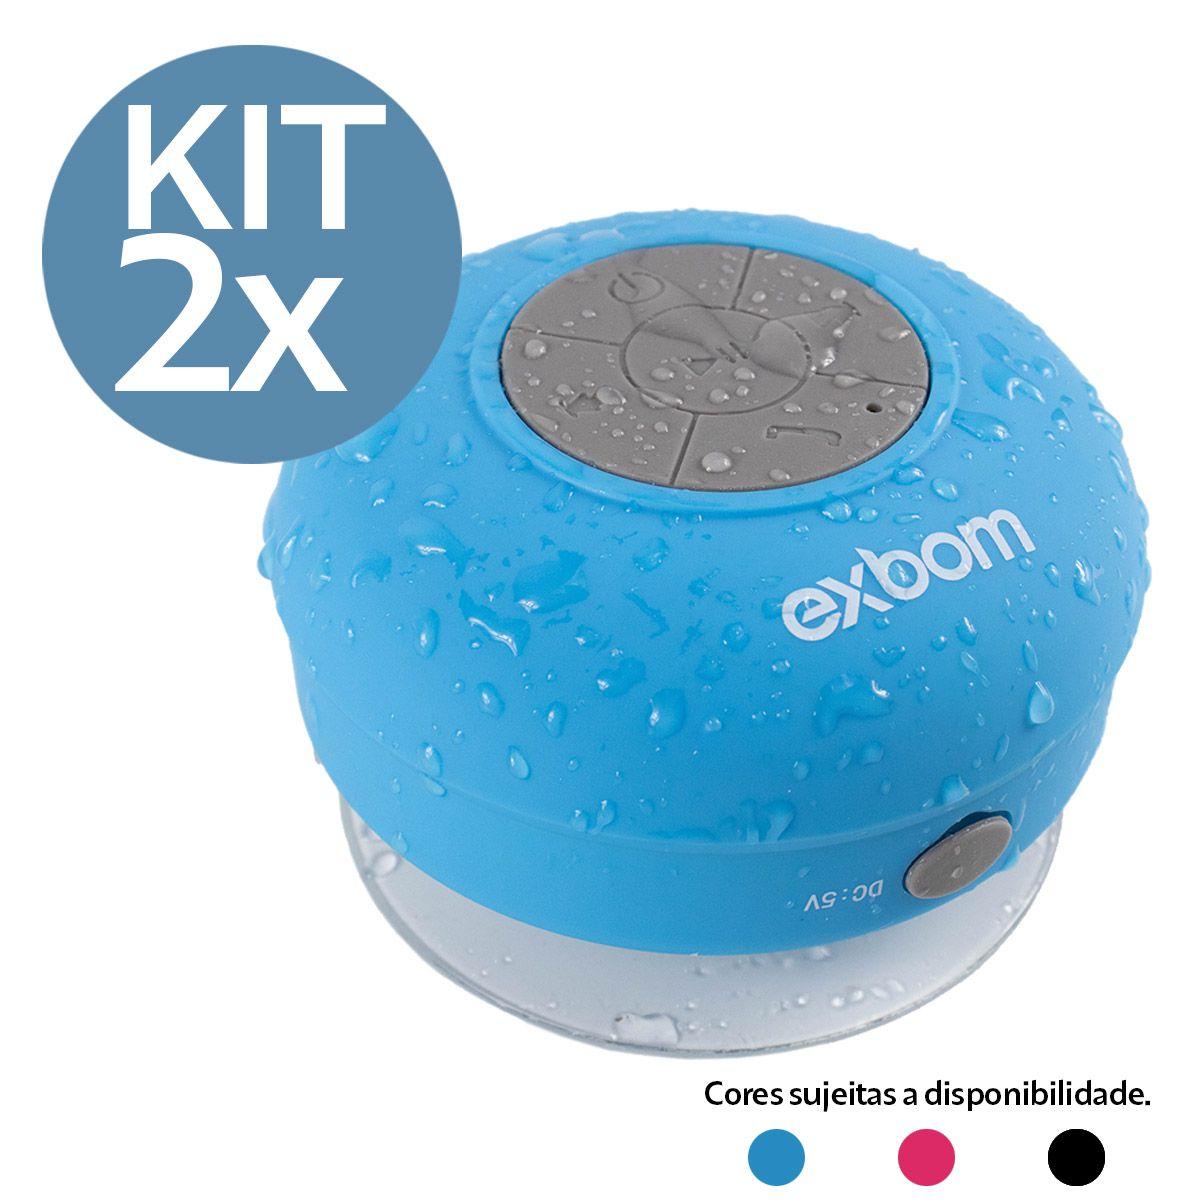 KIT 2x Caixa de Som Bluetooth Portátil à Prova D'água Exbom CS-A6BT